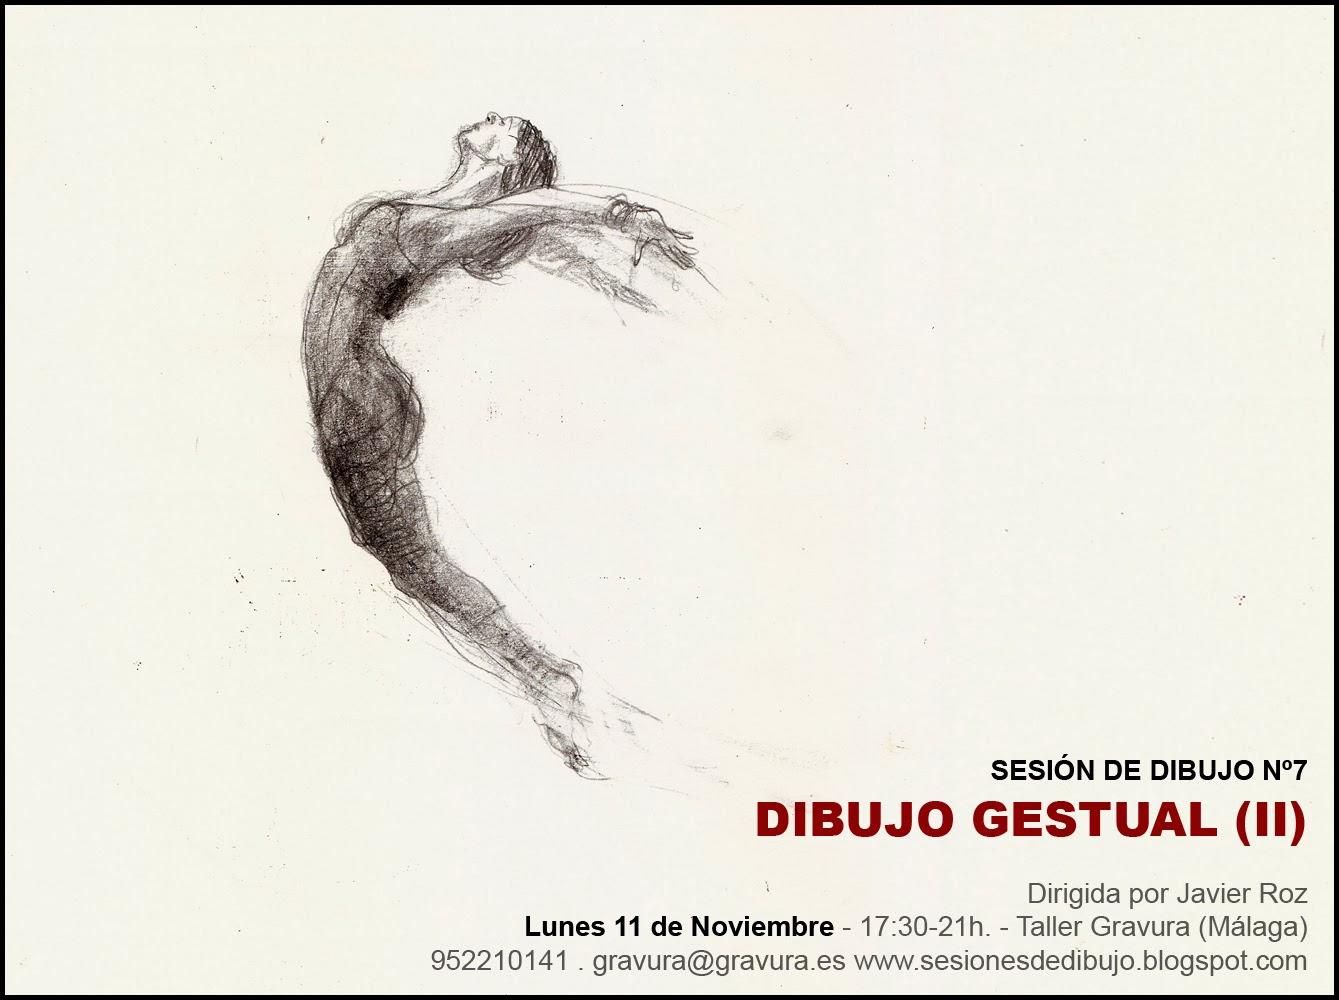 sesiones de dibujo SESIN N7  DIBUJO GESTUAL II